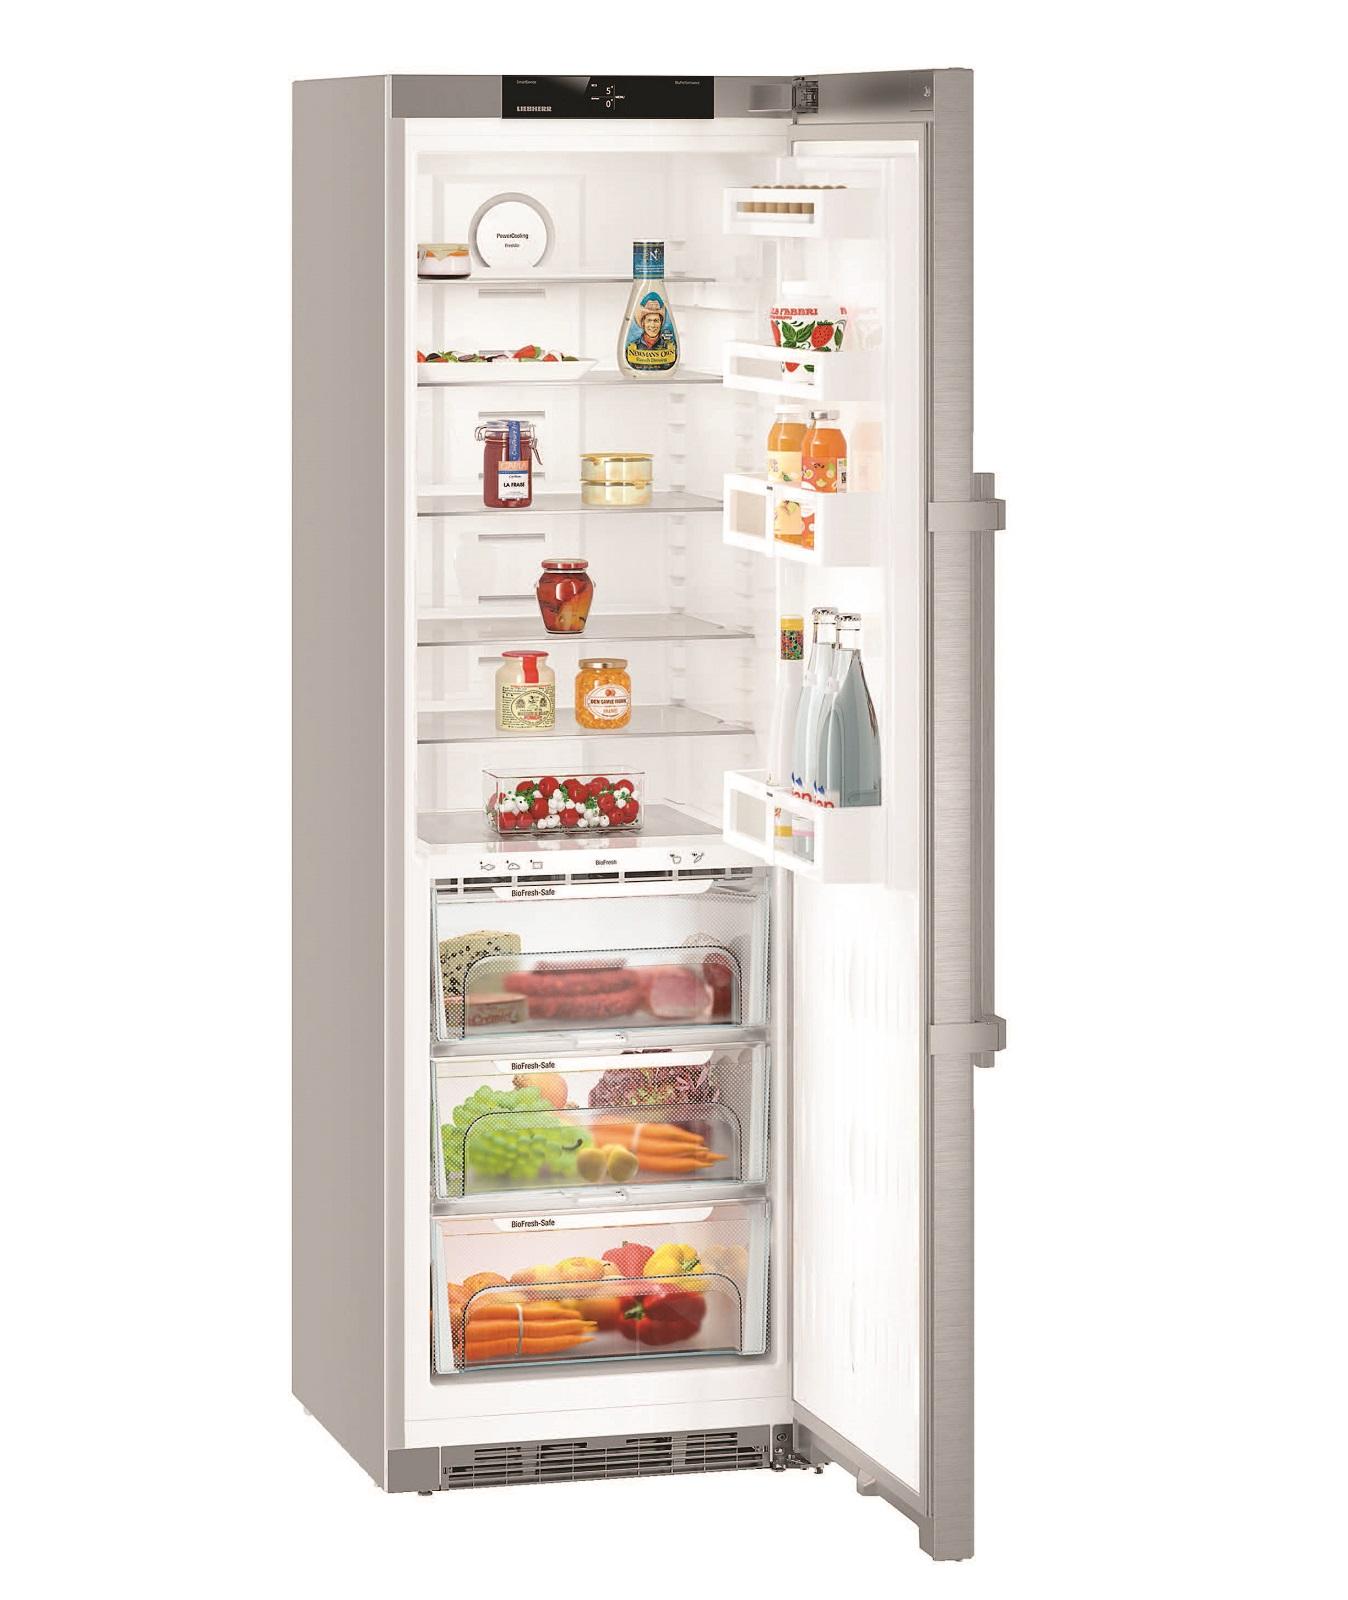 Однокамерный холодильник Liebherr KBef 4330 купить украина